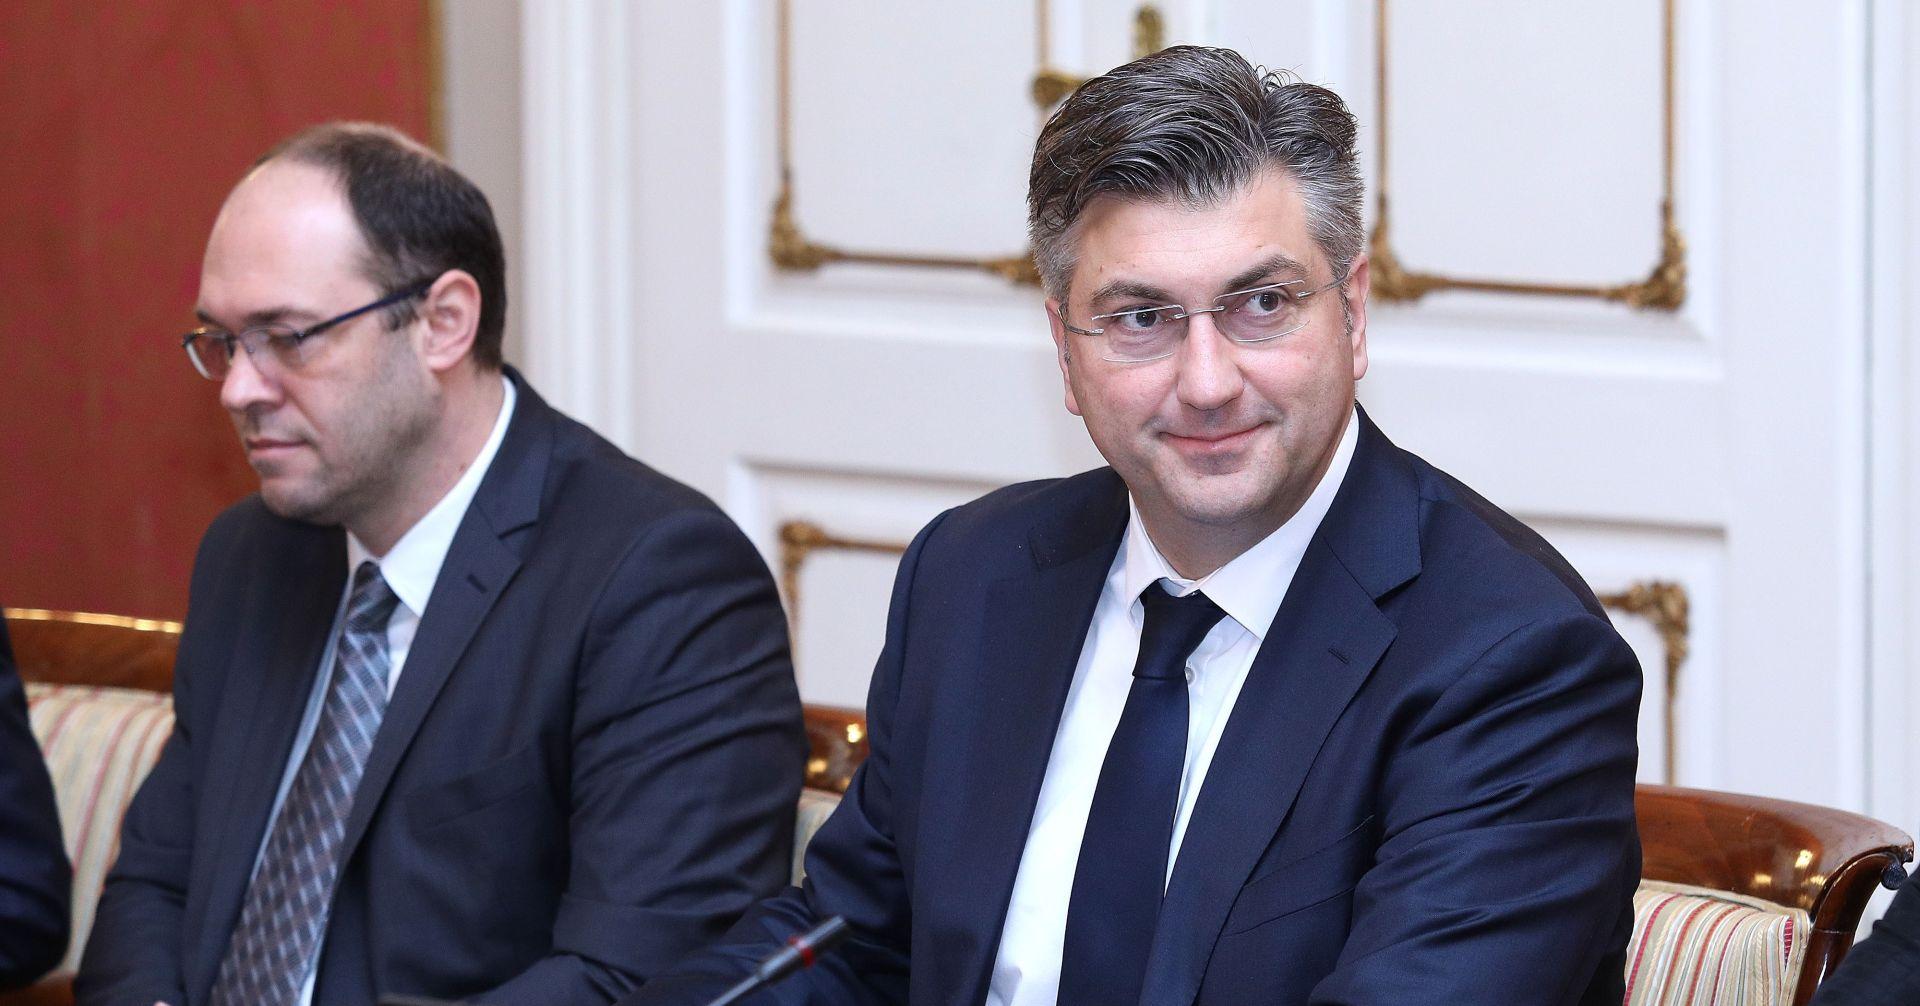 SJEDNICA VLADE Za poticanje zapošljavanja 1,5 milijarda kuna, zahtjev za legalizaciju moći će se predati do sredine 2018.